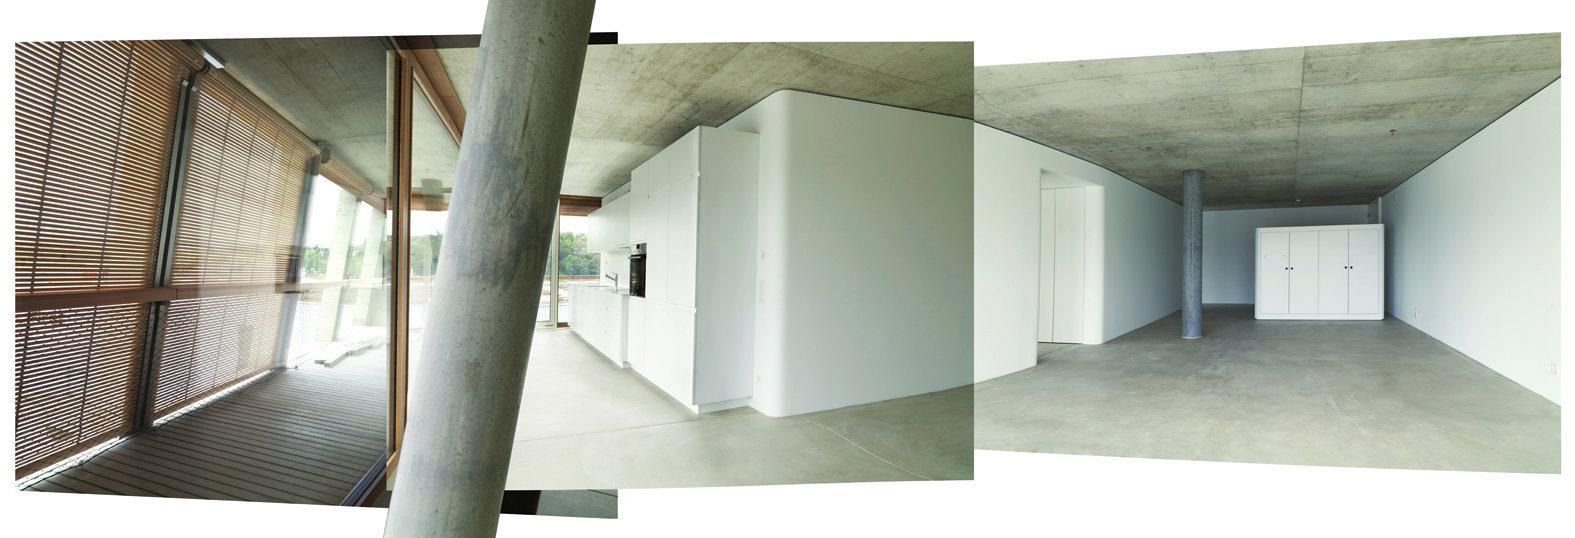 Herzog de Meuron Architecture